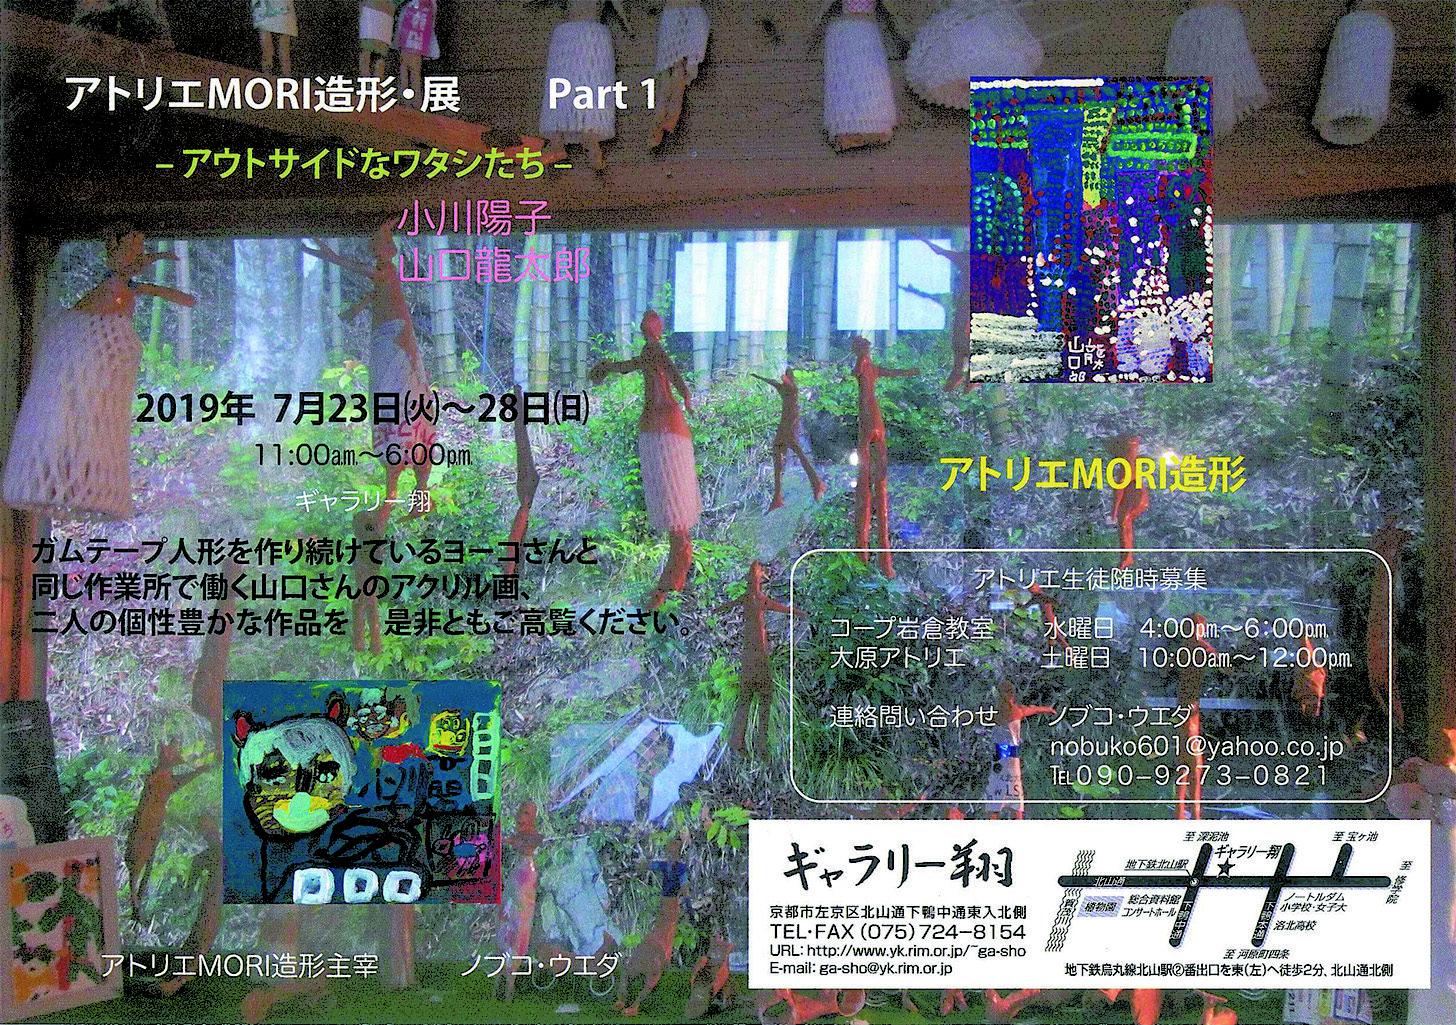 アトリエMORI造形・展 Part1